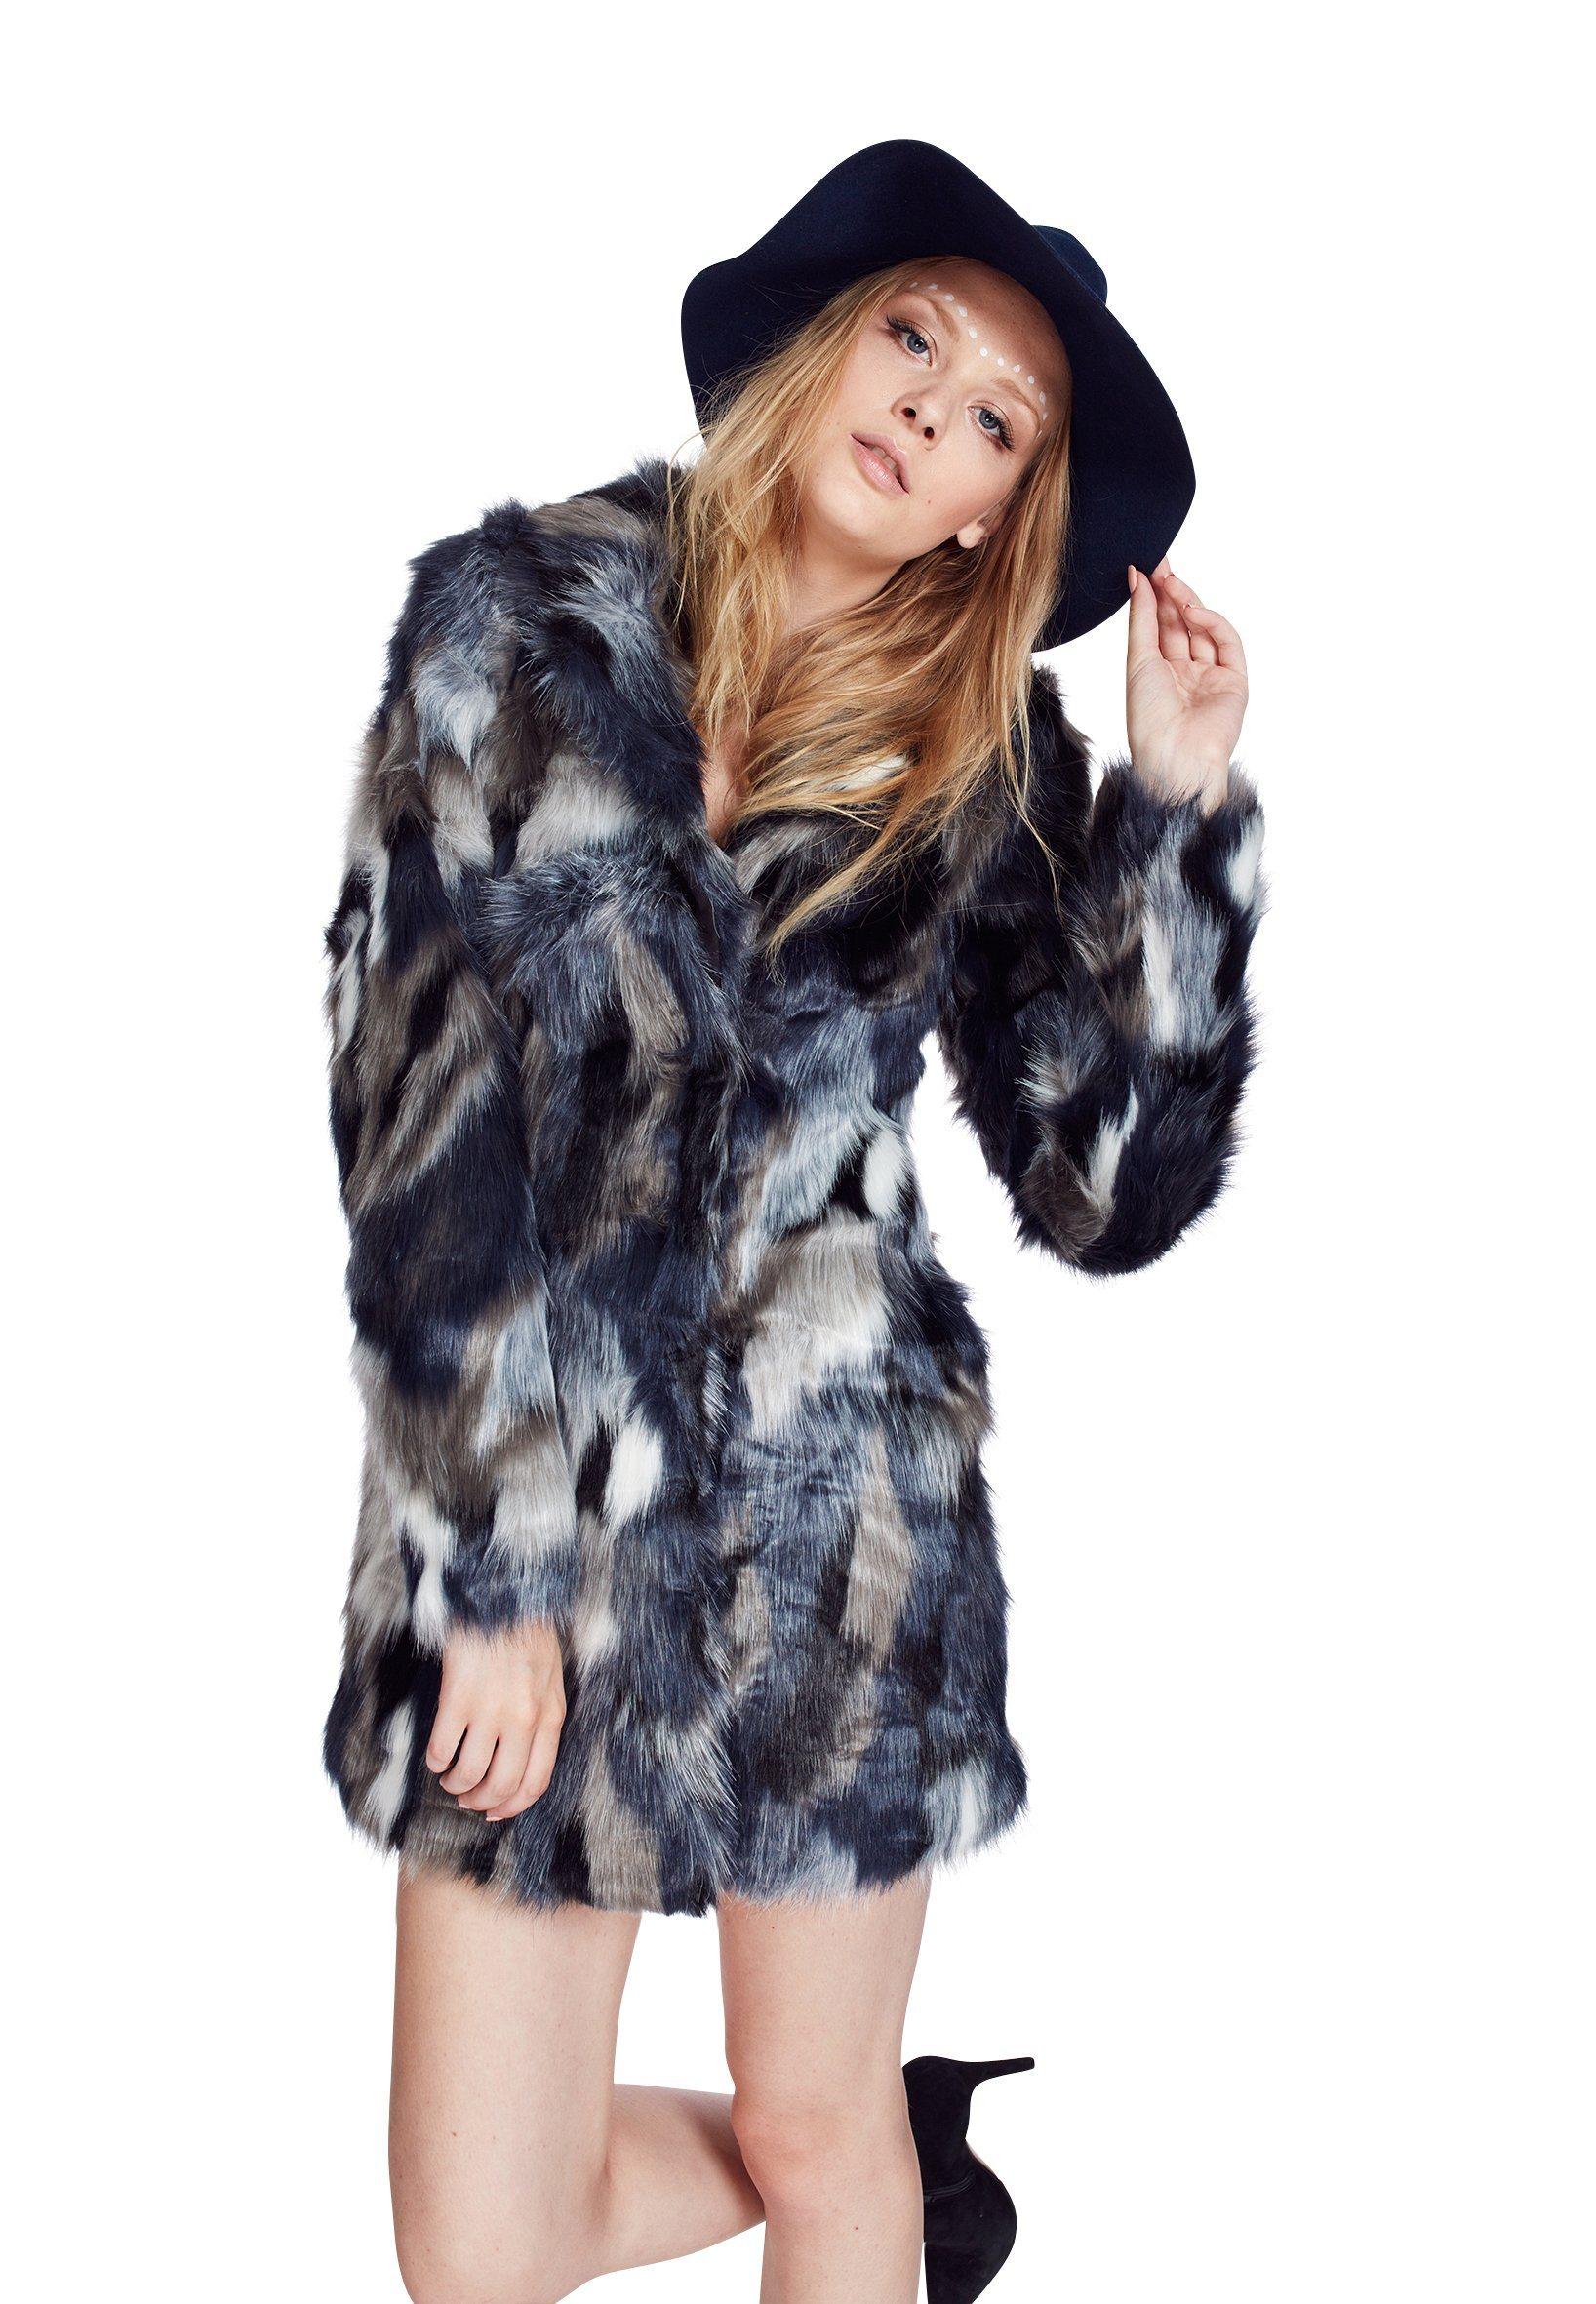 Mantel Dieser stylische Kunstfellmantel für Damen ist ein absolutes Must-Have! Das täuschend echte Kunstfell weist ein wunderschönes Muster auf. Geschlossen wird der Mantel über die schönen, großen Metallknöpfe, welche spielerisch